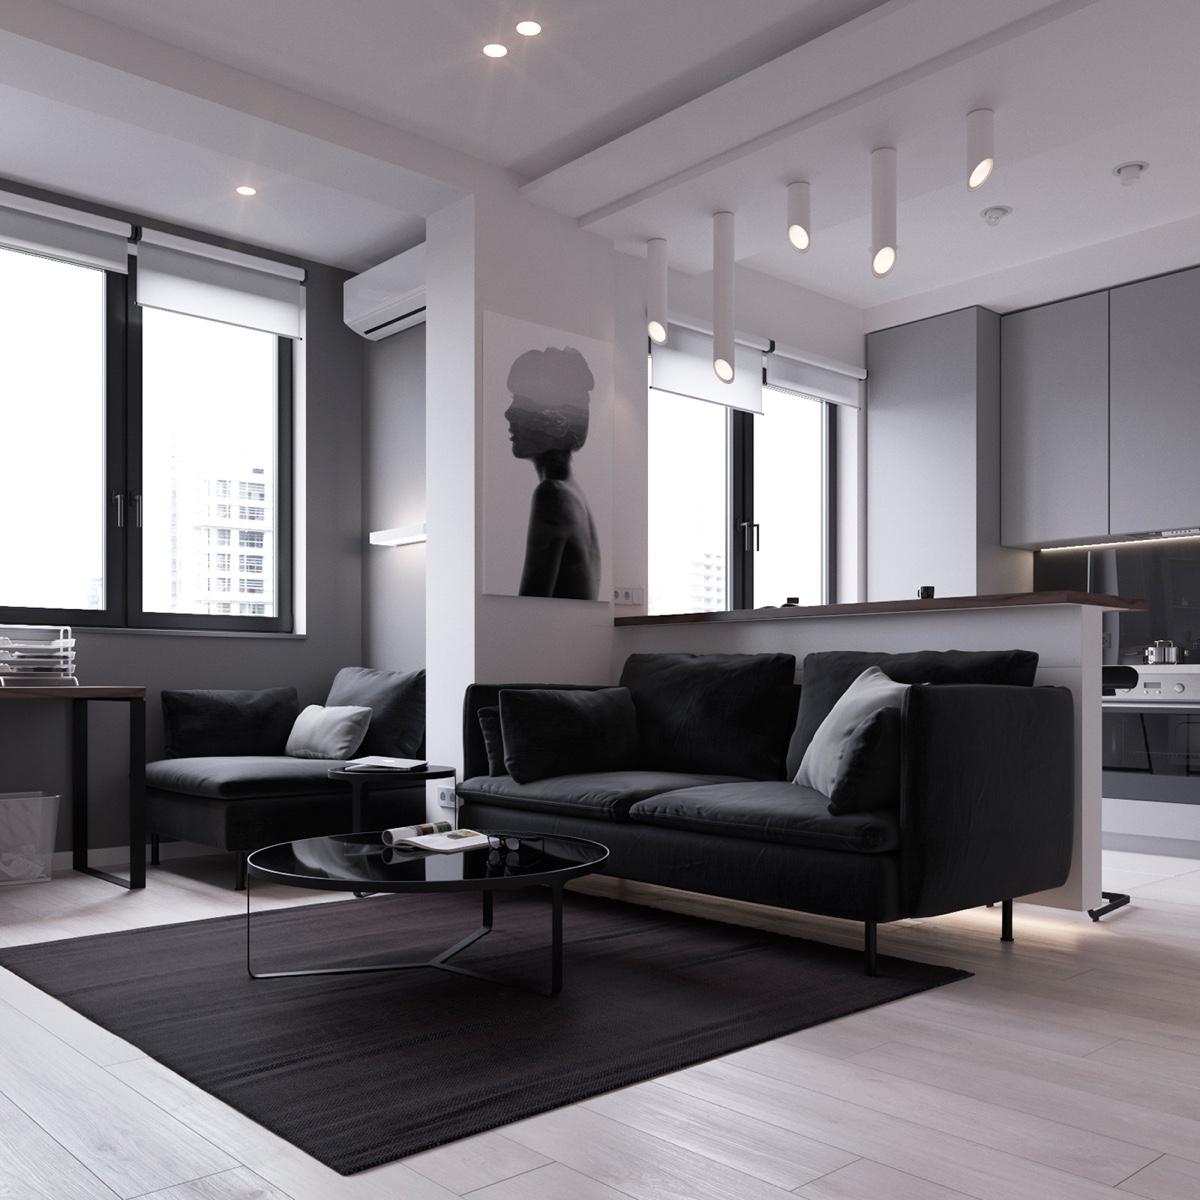 Thích mê 3 căn hộ hiện đại với diện tích khiêm tốn dưới 50m2 - Ảnh 11.